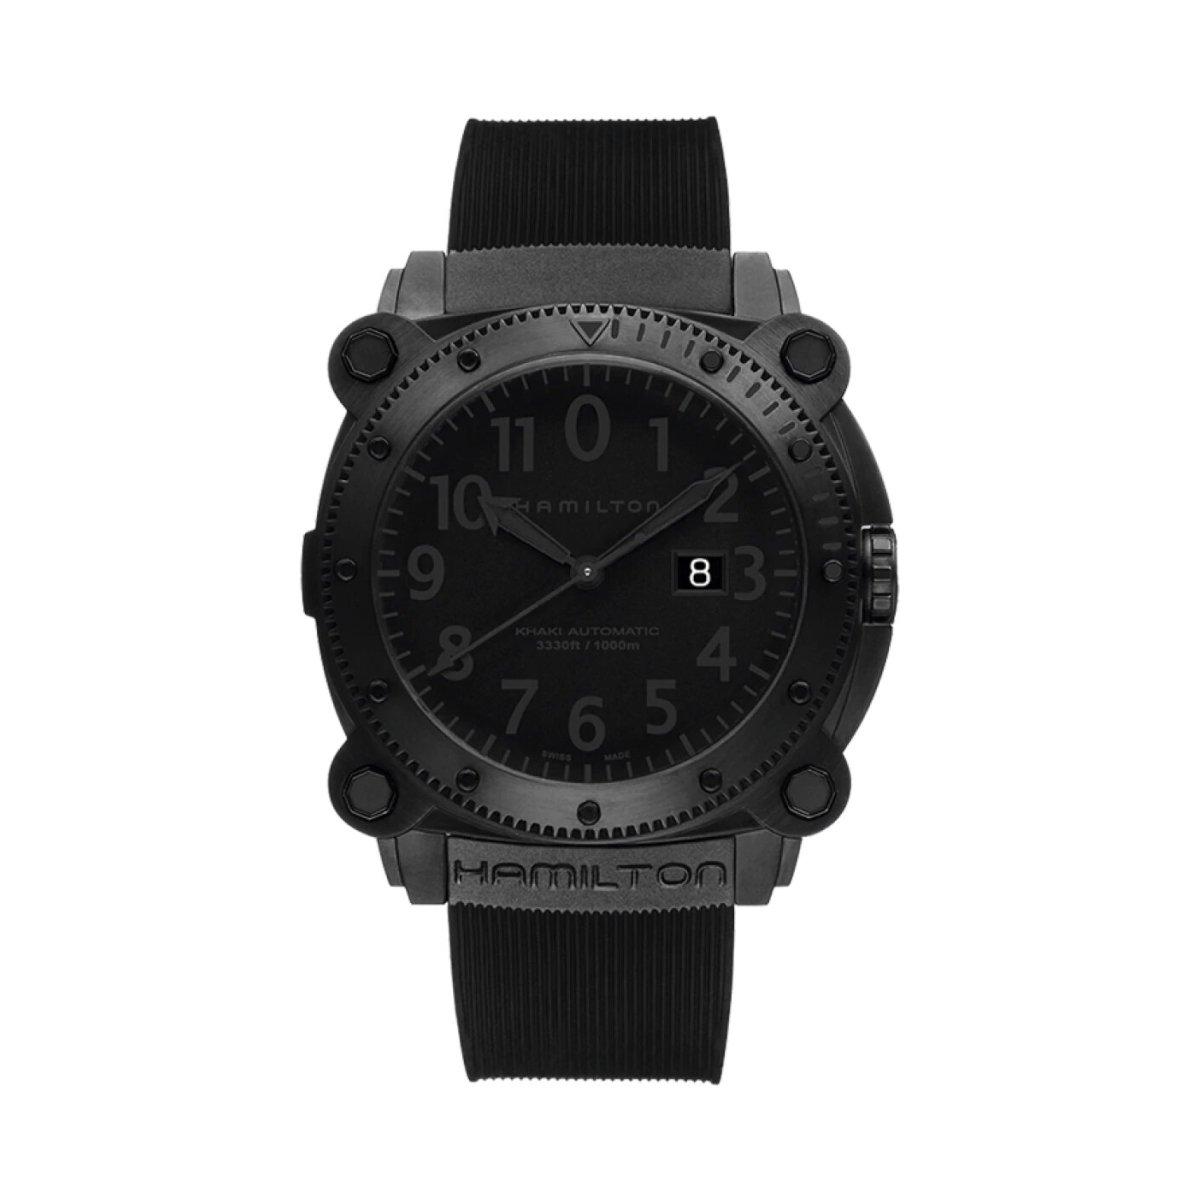 Montre Hamilton Khaki Navy Khaki BeLOWZERO Automatic vue 1